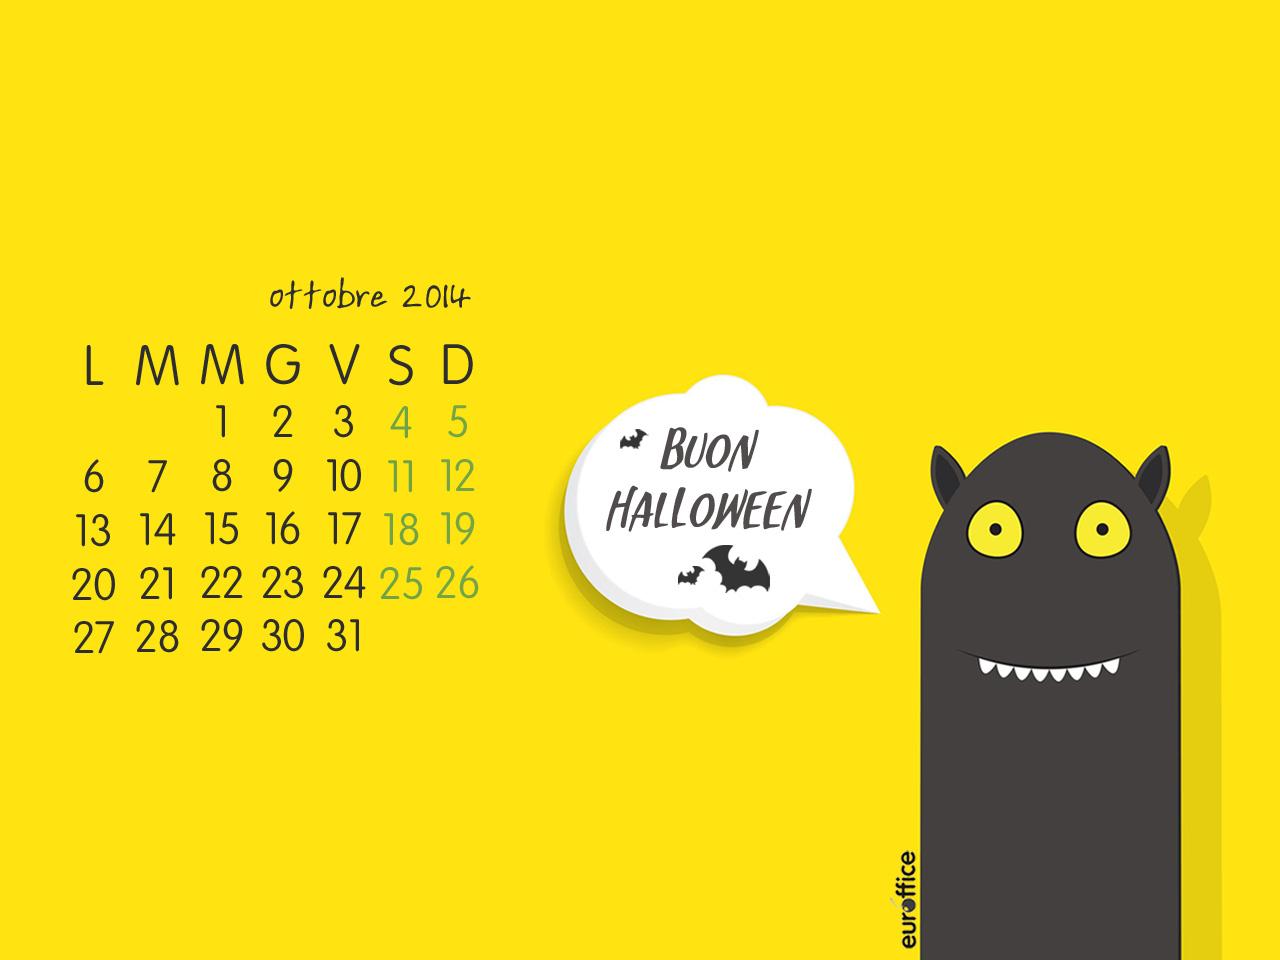 Wallpaper 10/14 - Halloween